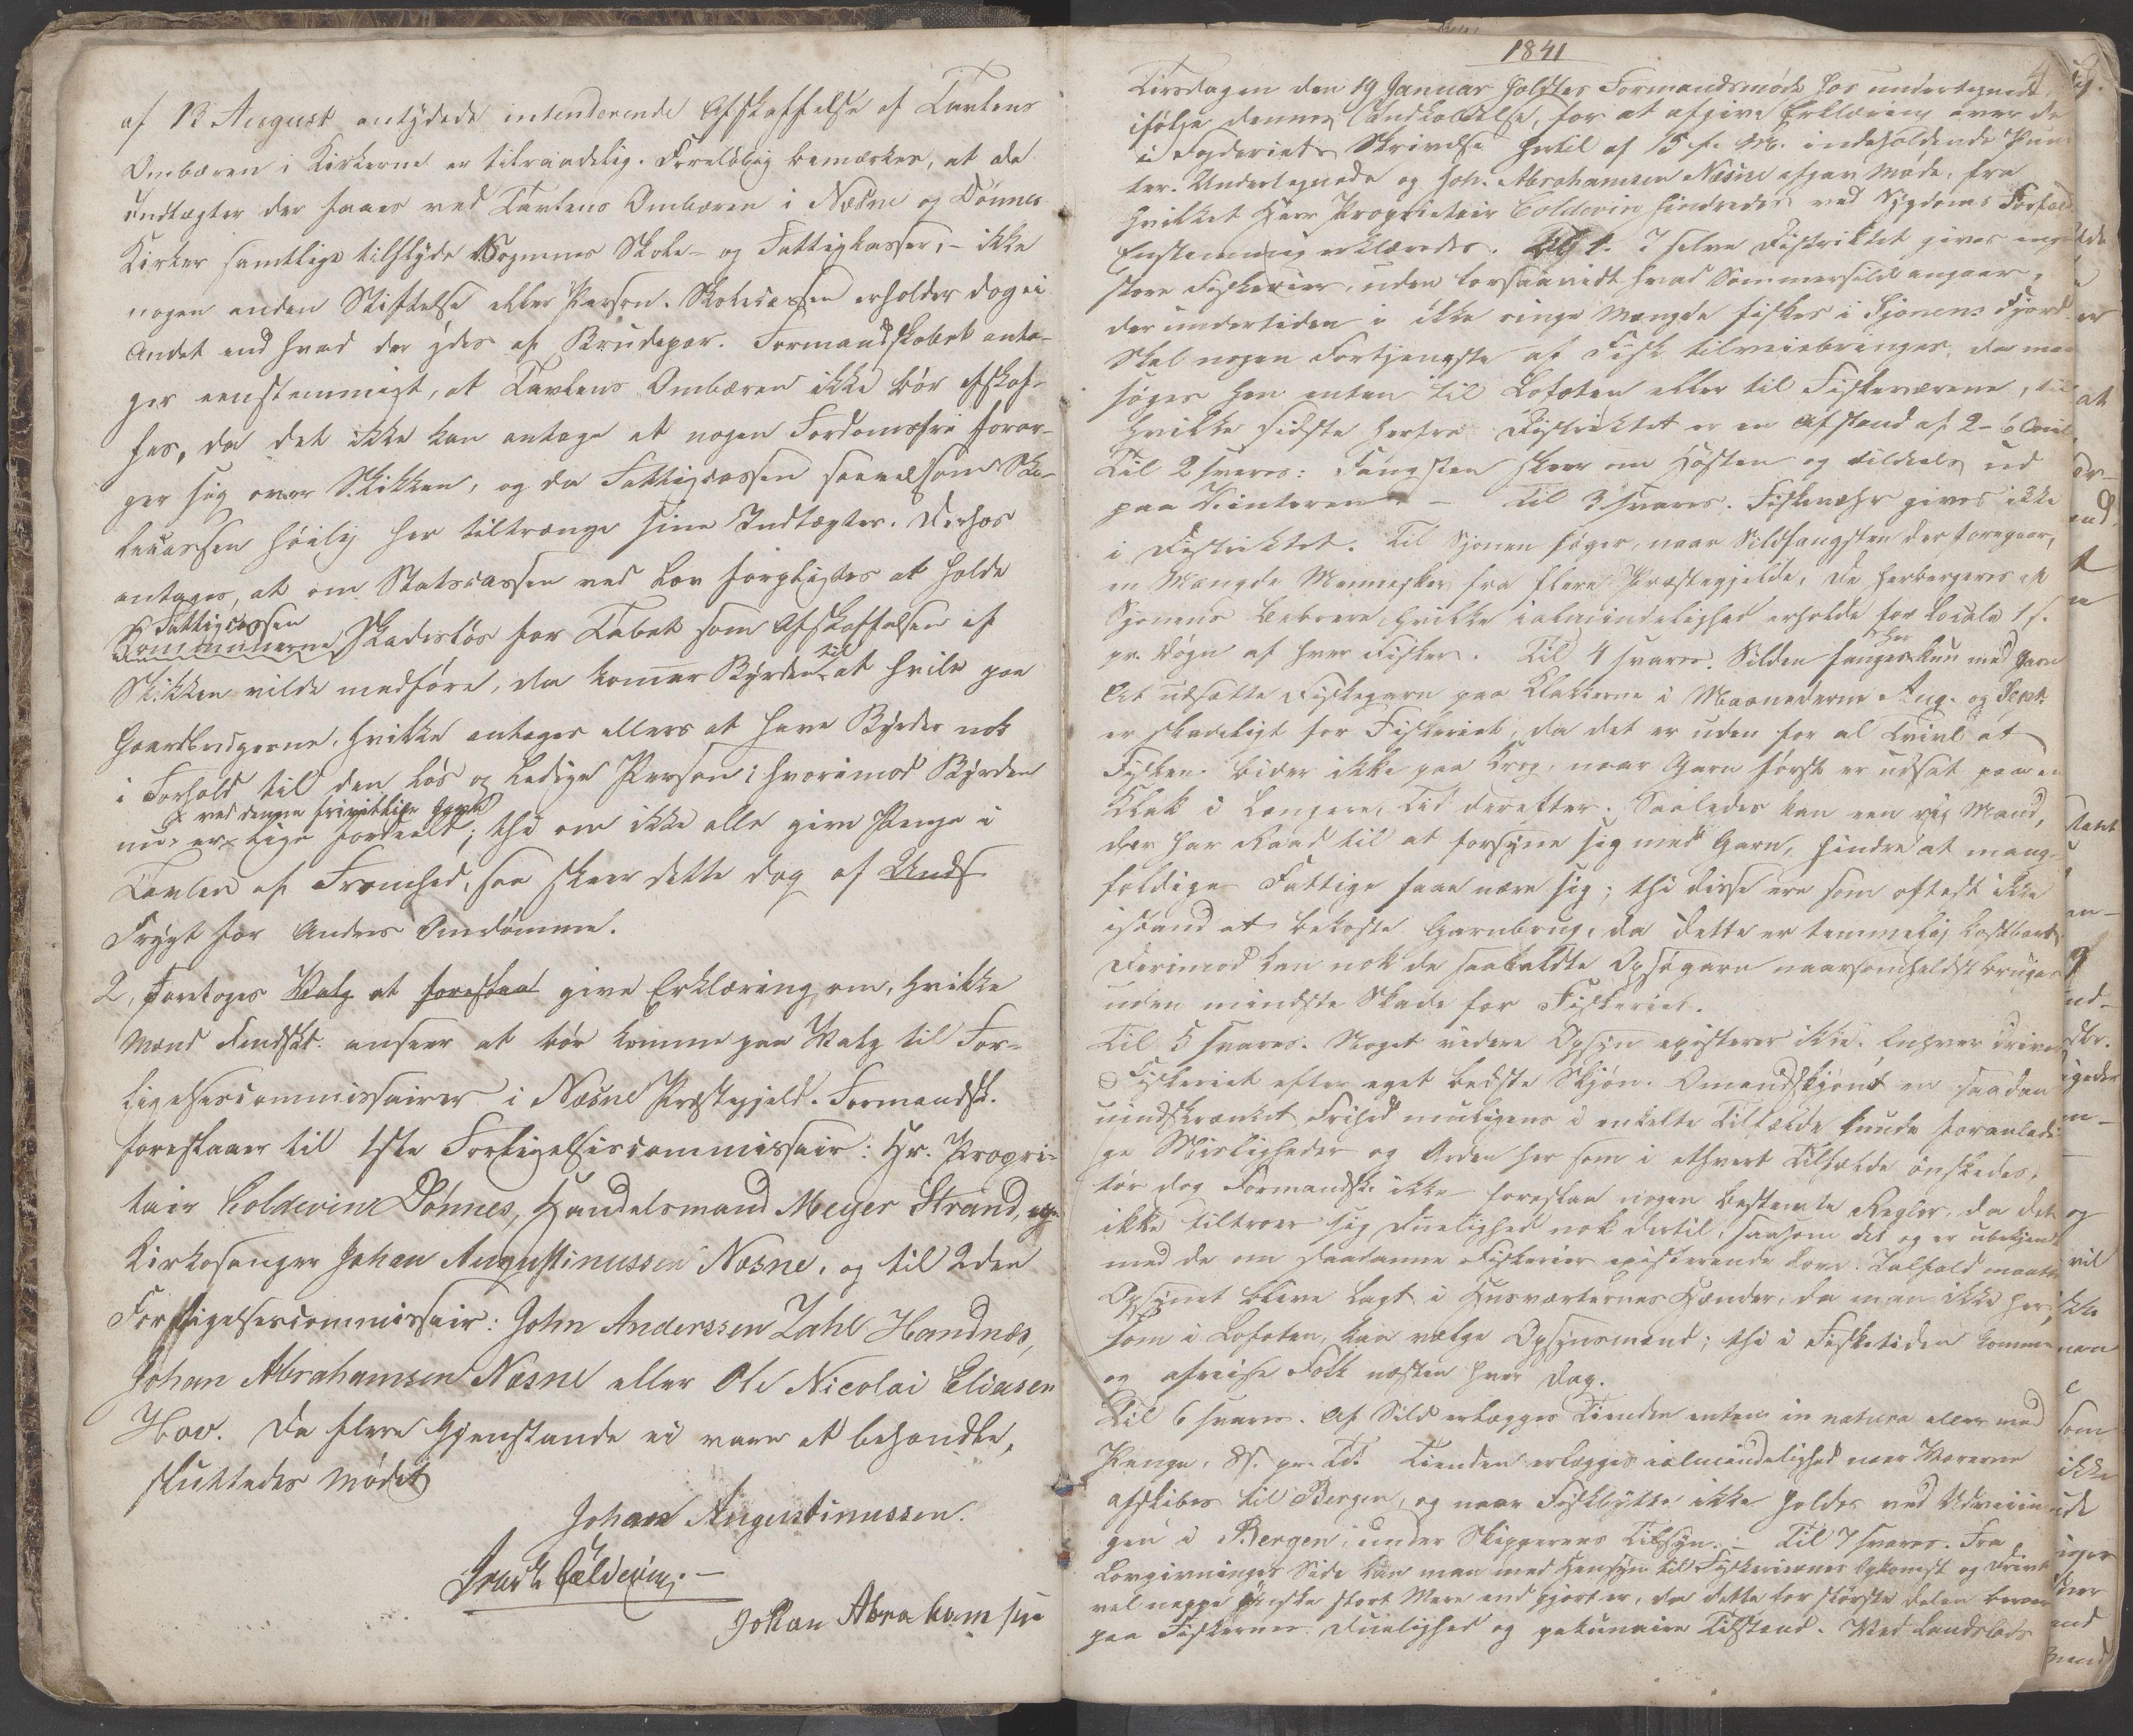 AIN, Nesna kommune. Formannskapet, 100/L0001: Møtebok, 1838-1873, s. 4